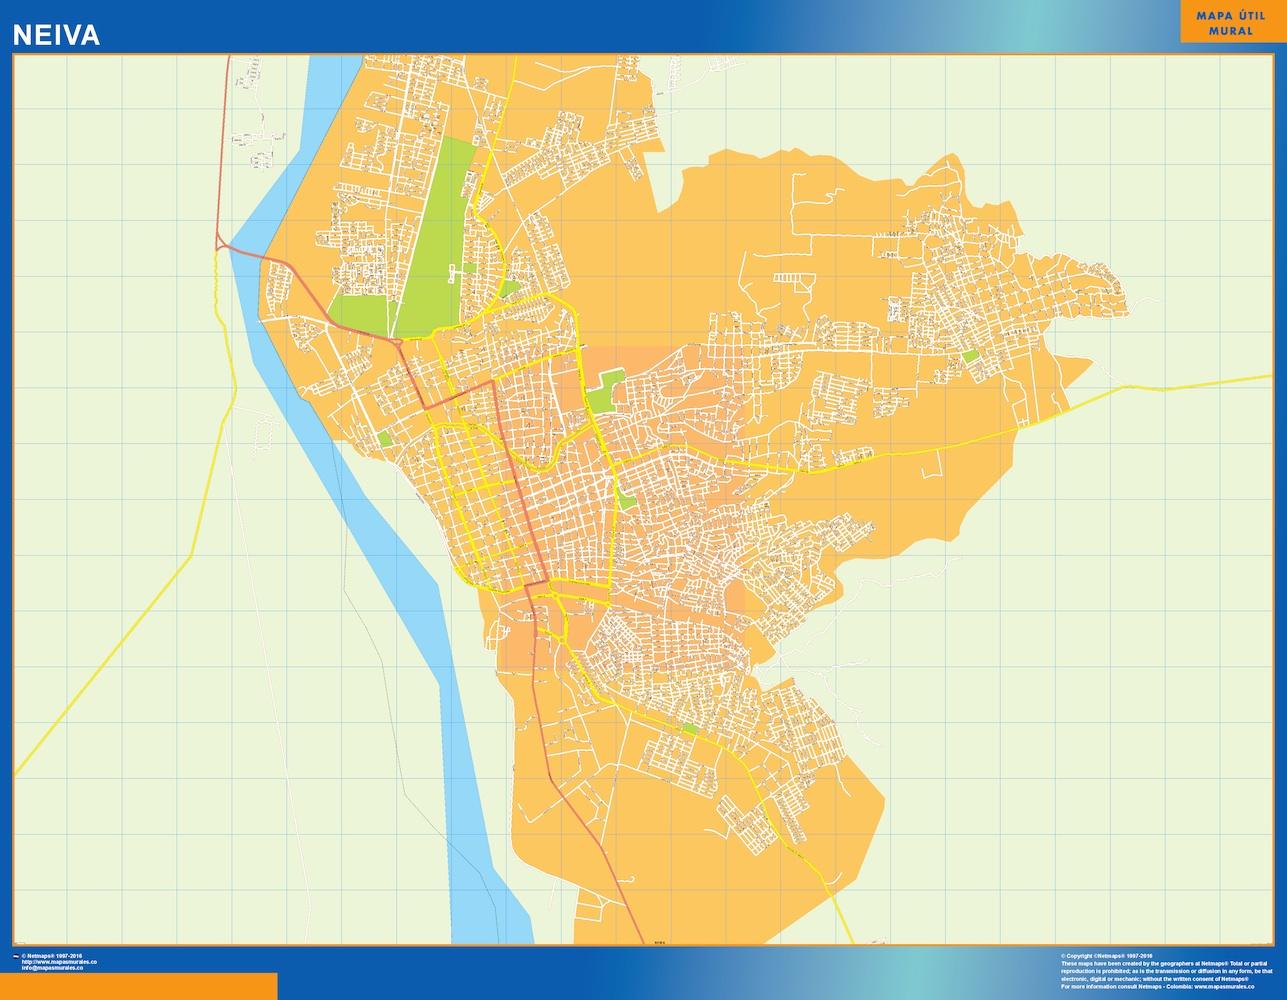 Mapa de Neiva en Colombia plastificado gigante